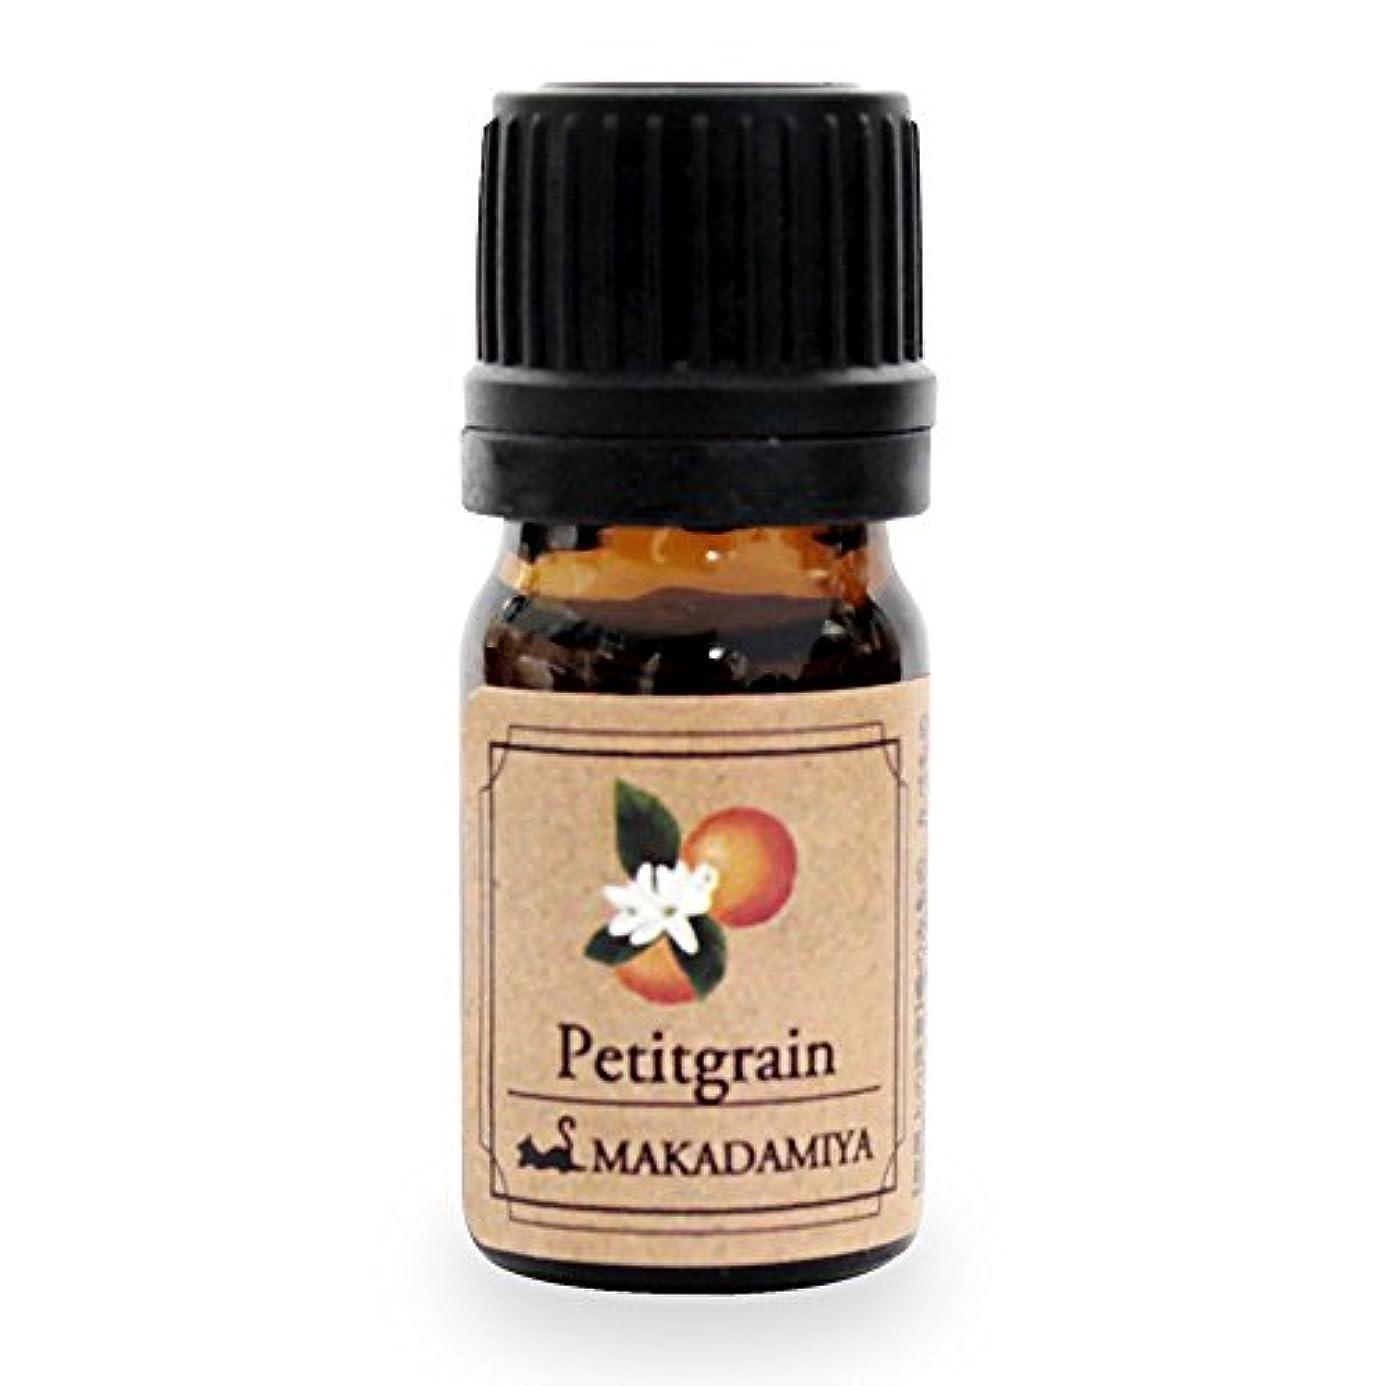 の面では空洞方法論プチグレン5ml 天然100%植物性 エッセンシャルオイル(精油) アロマオイル アロママッサージ aroma Petitgrain